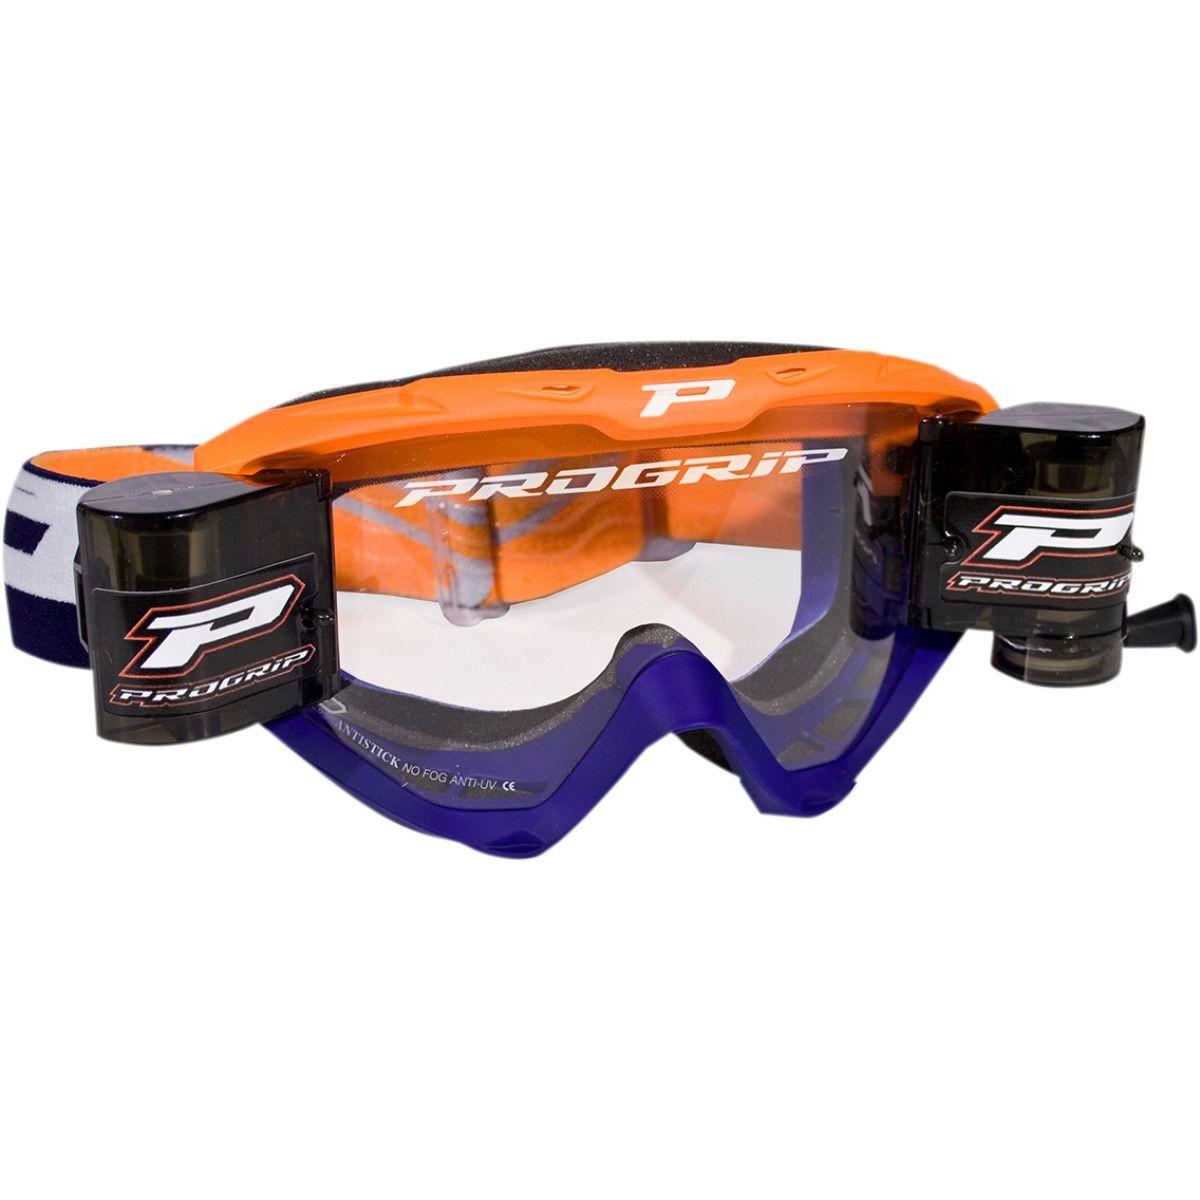 Progrip Crossbril 3450 Roll-Off oranje/blauw